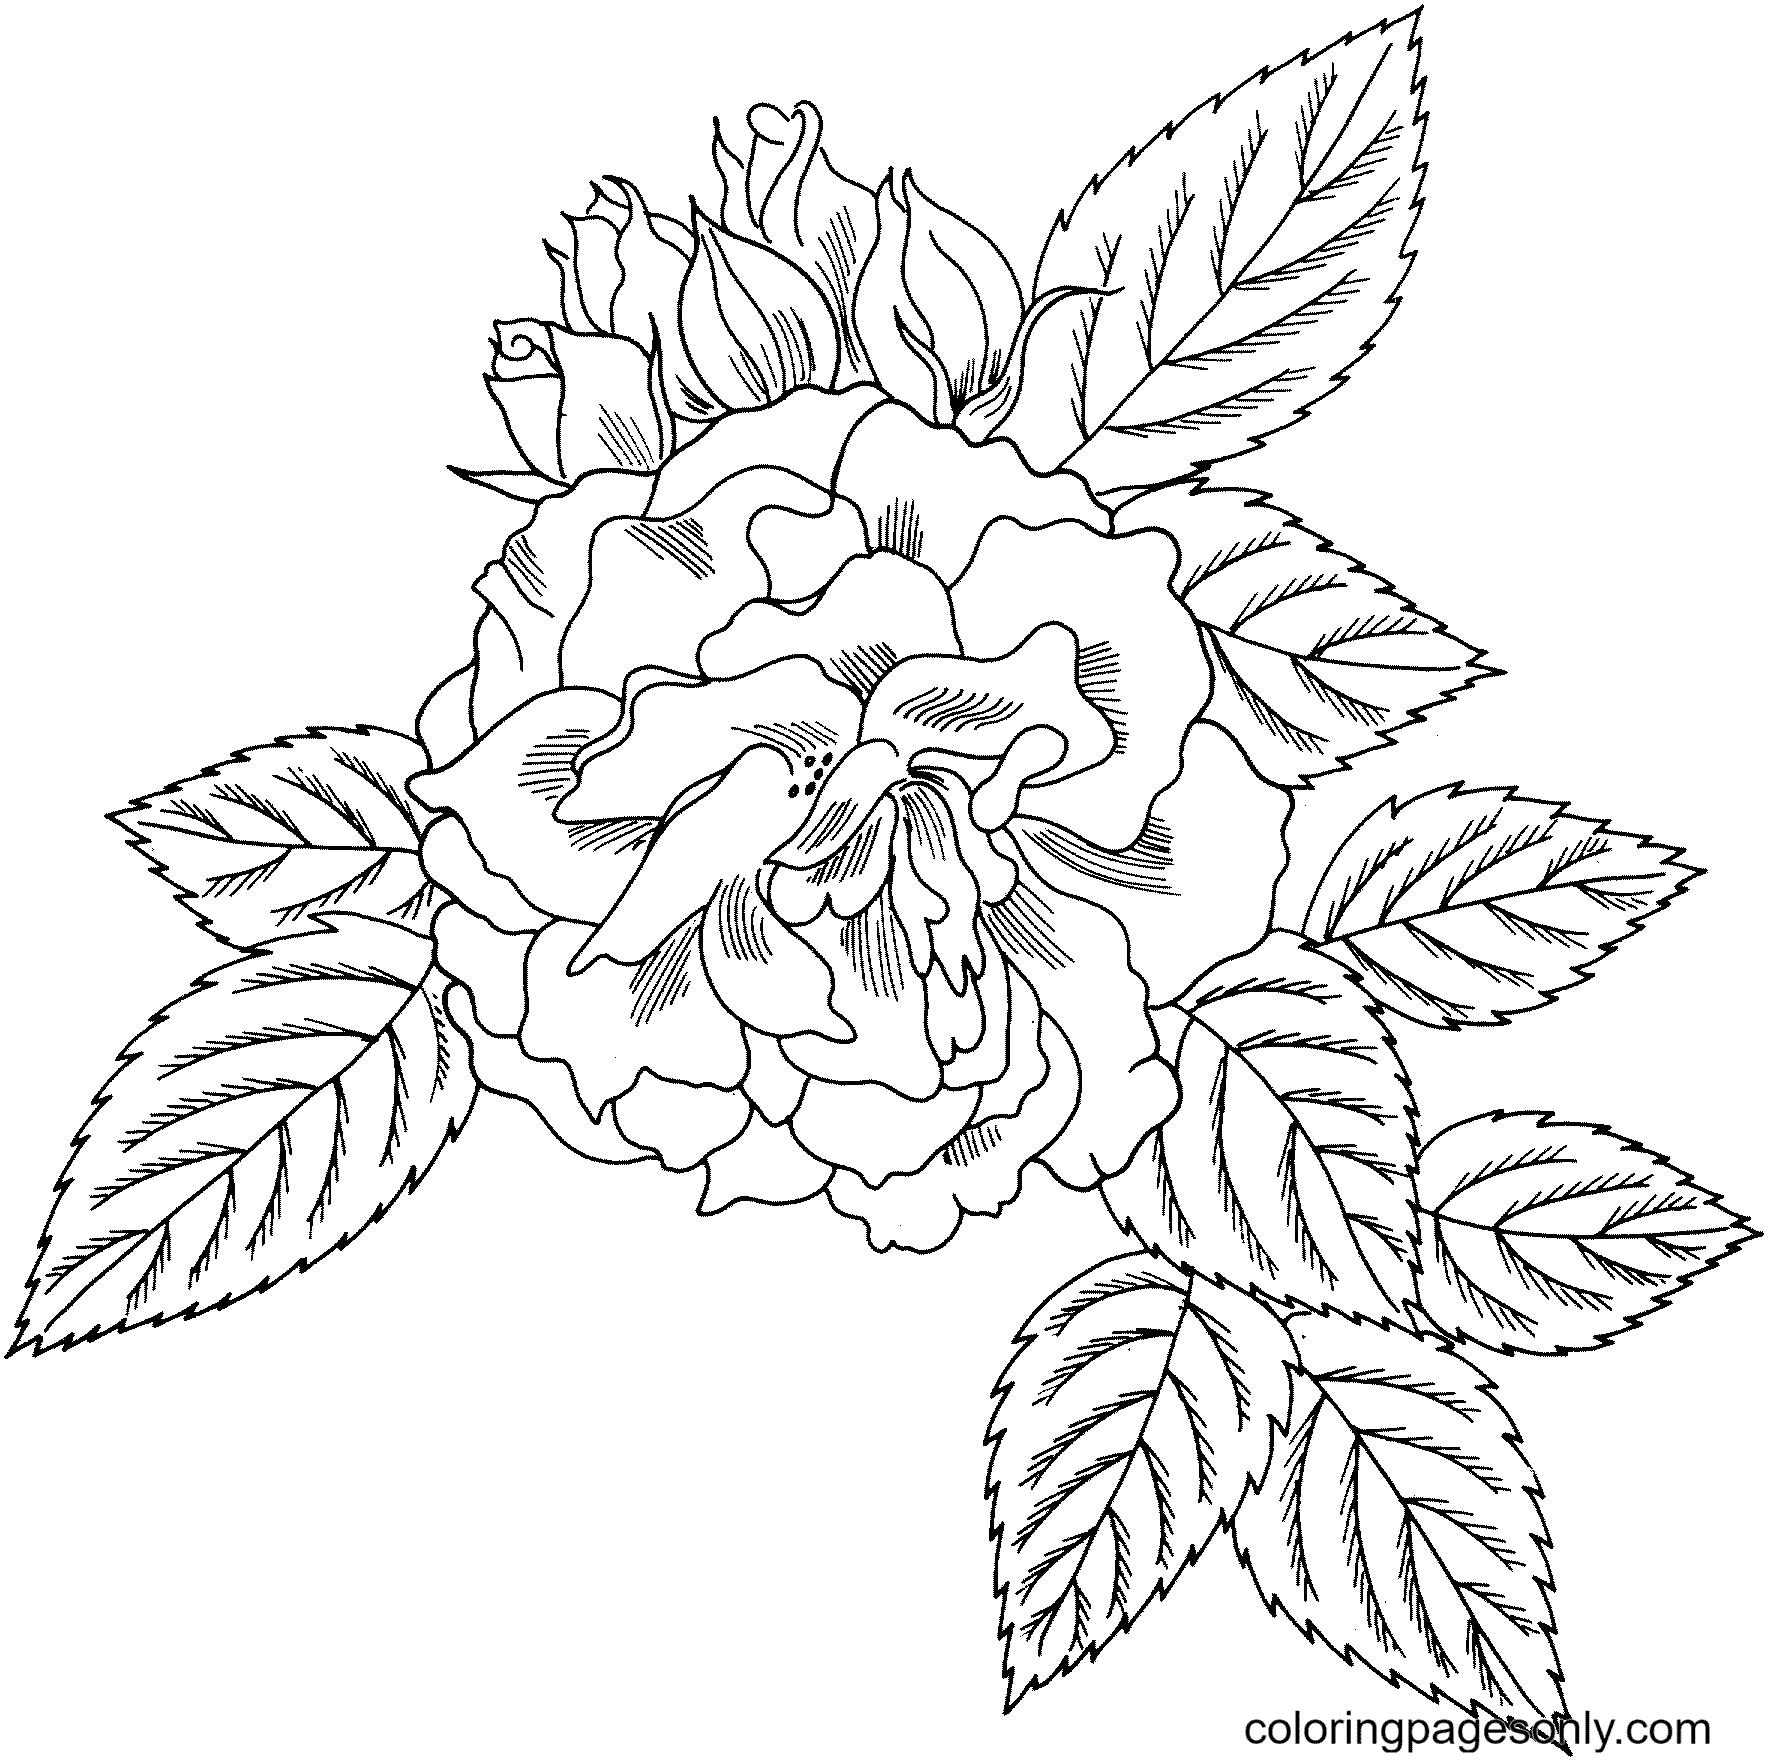 Rosa 'Bahia' Floribunda Rose Coloring Page